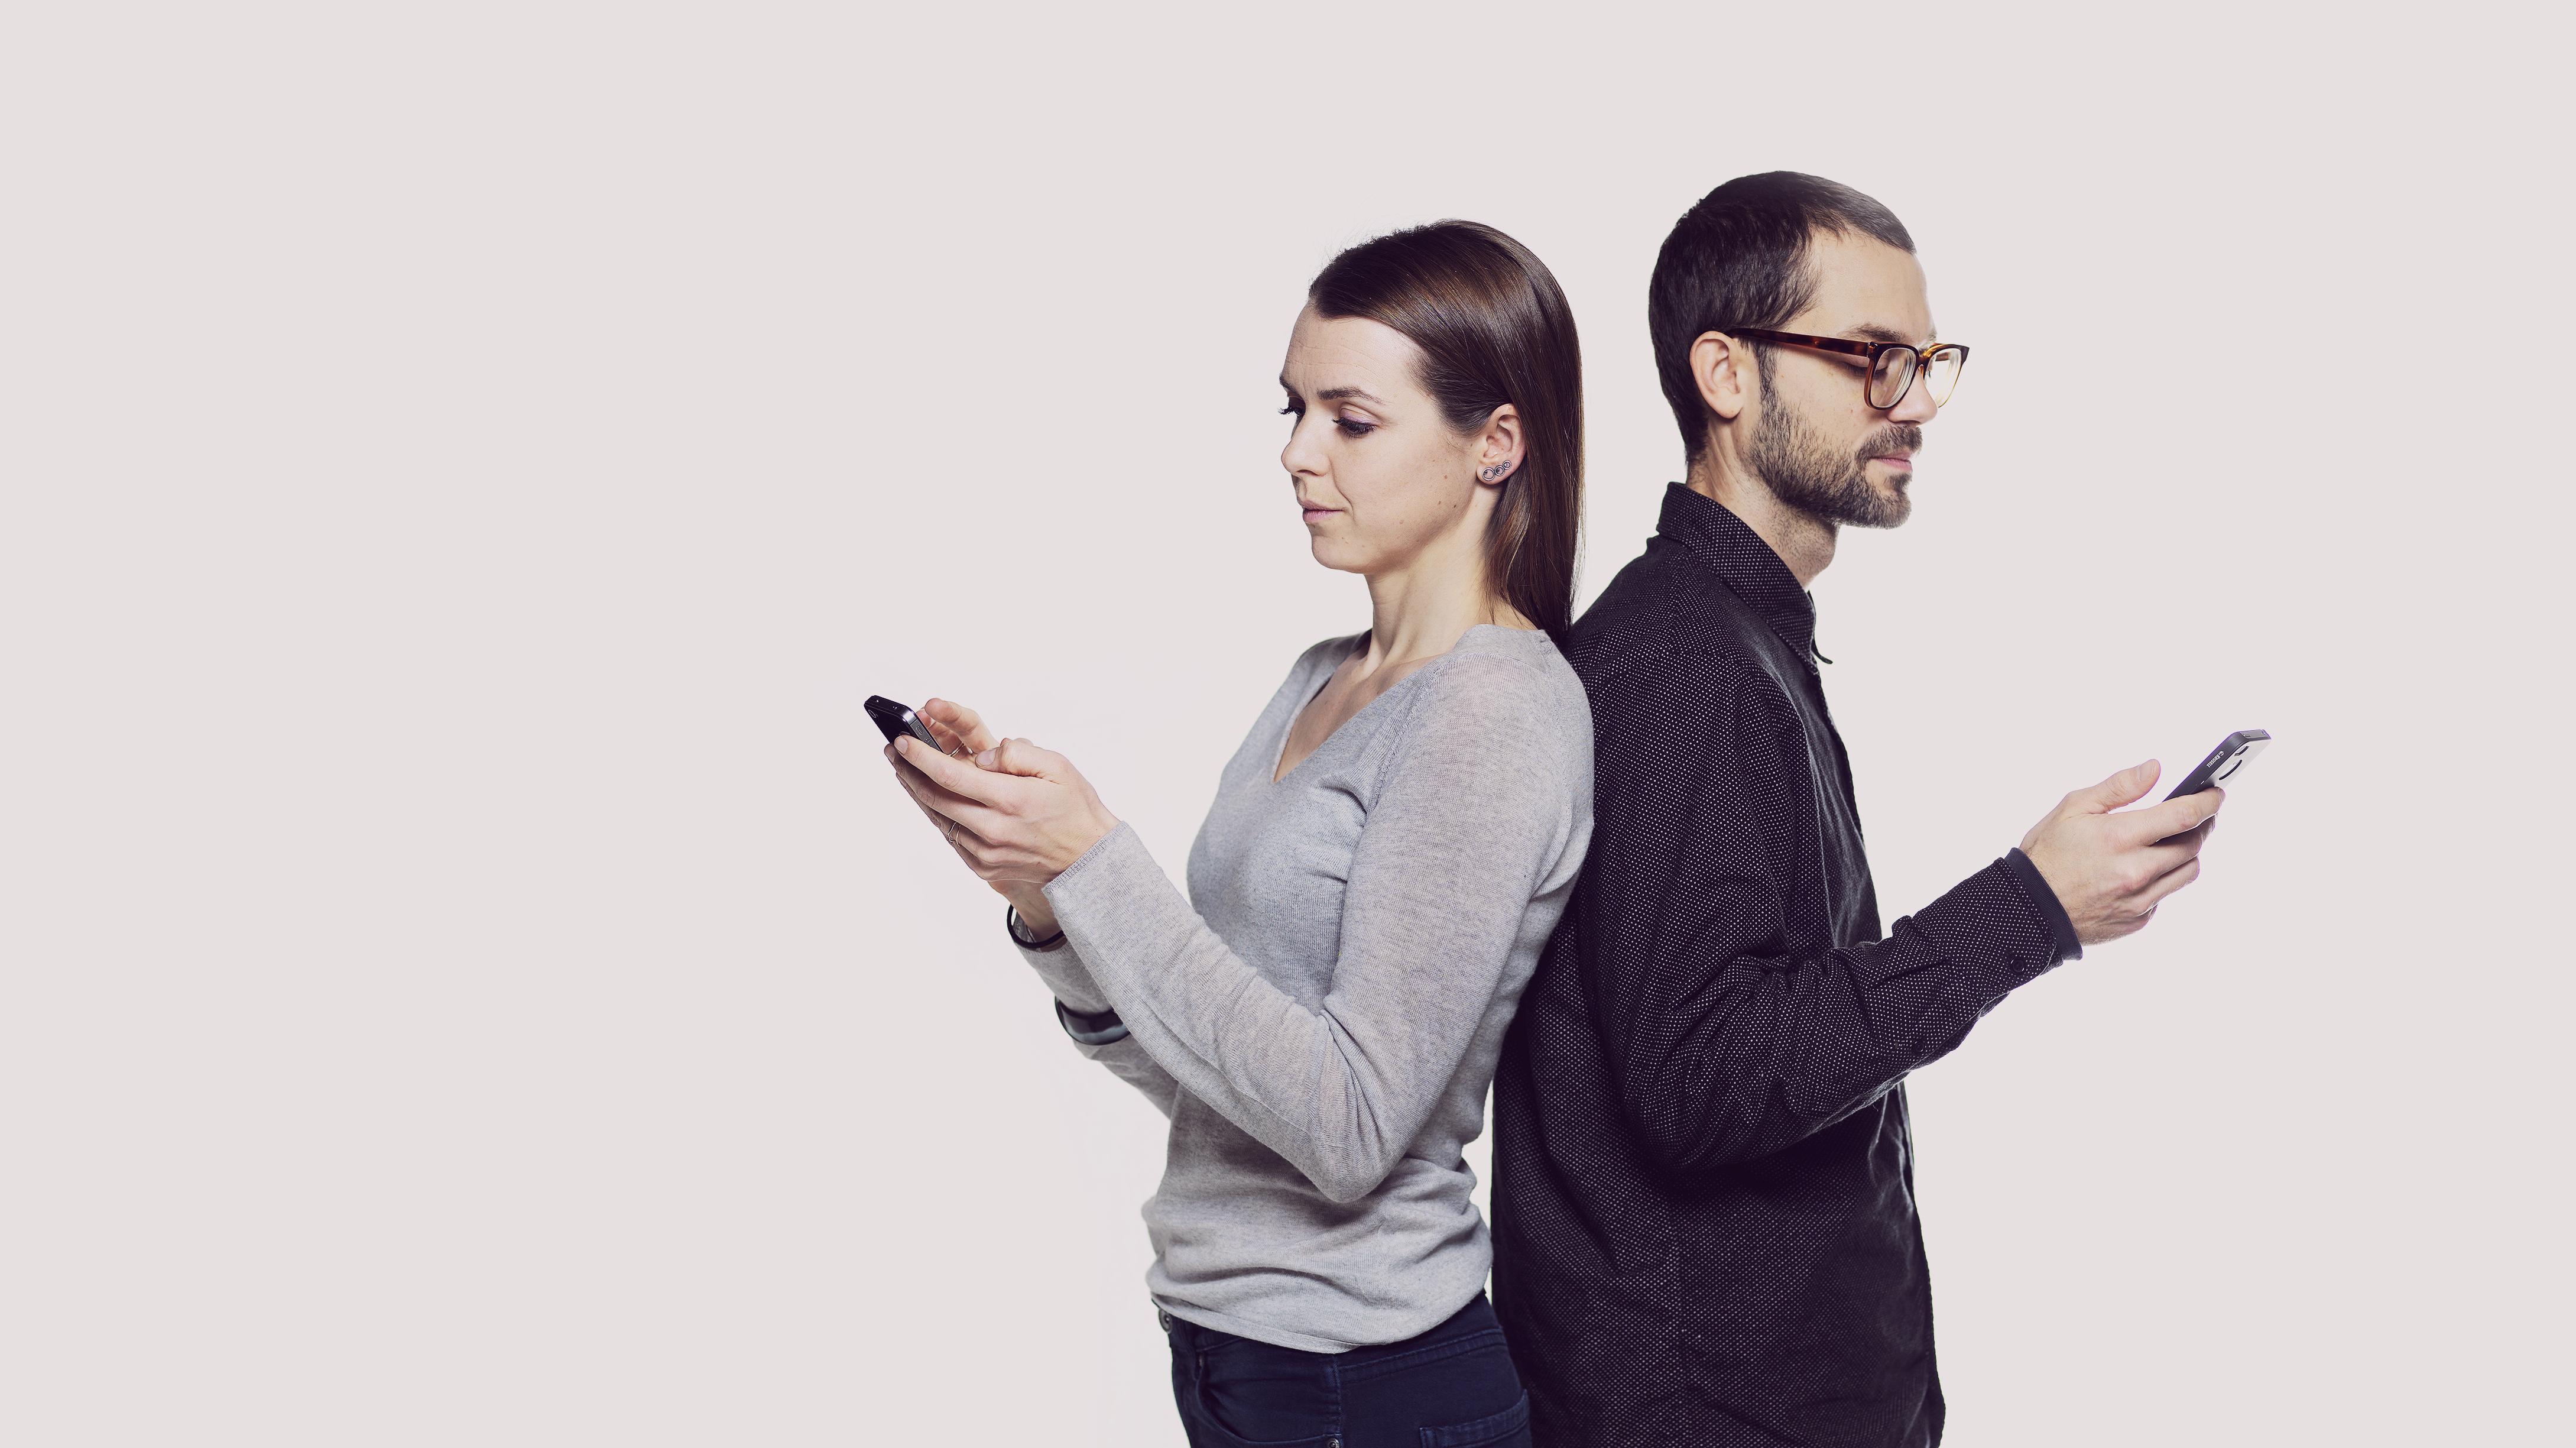 Kvinderne har for alvor taget smartphonen til sig